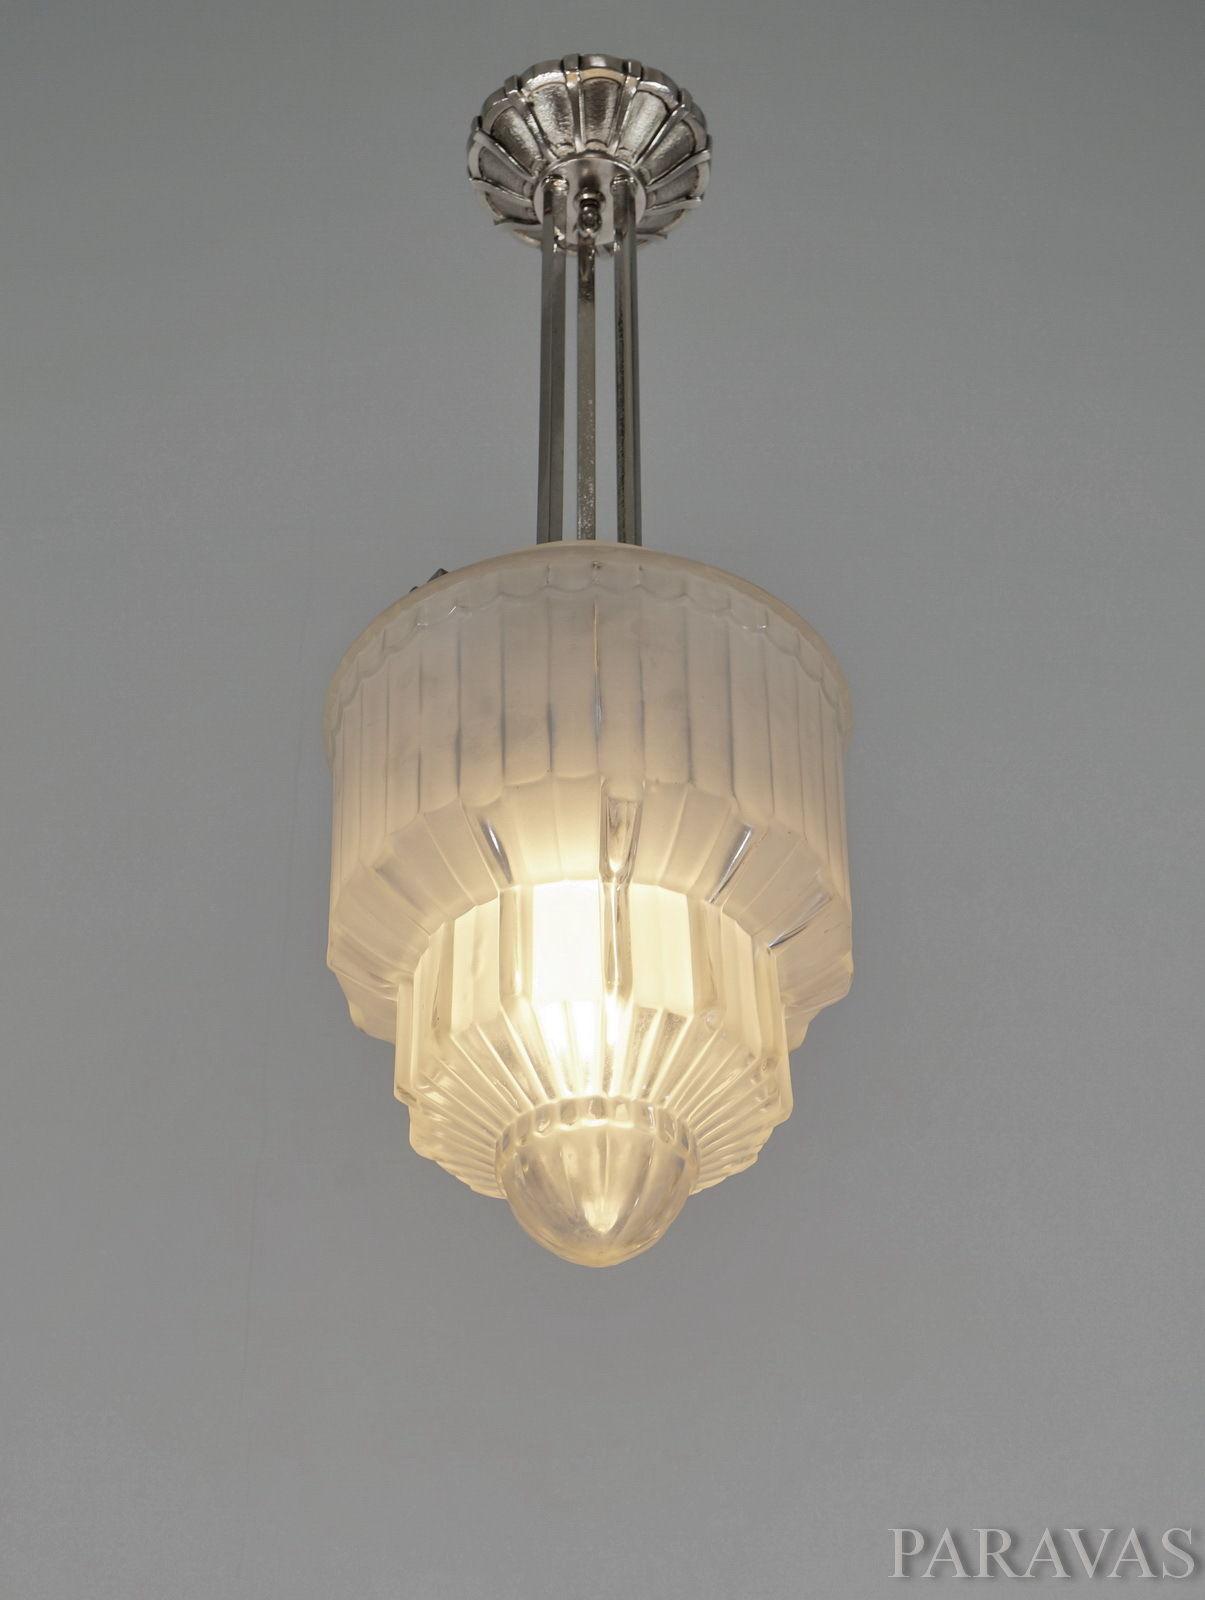 ドーム兄弟 幾何学模様のアンティーク照明 ペンダントライト